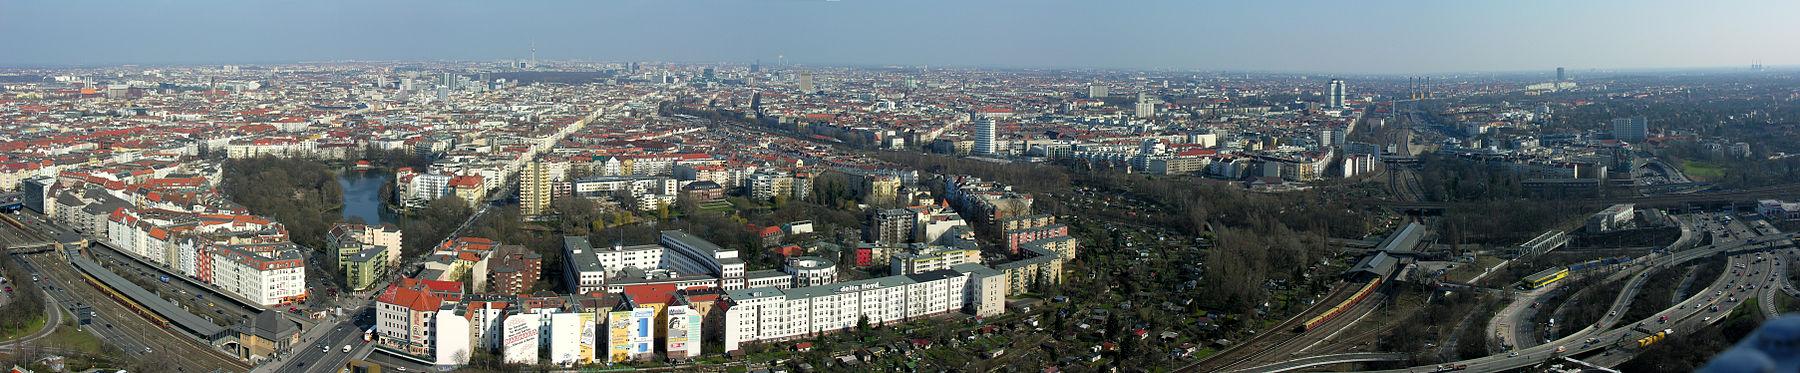 Panorámakép a városról